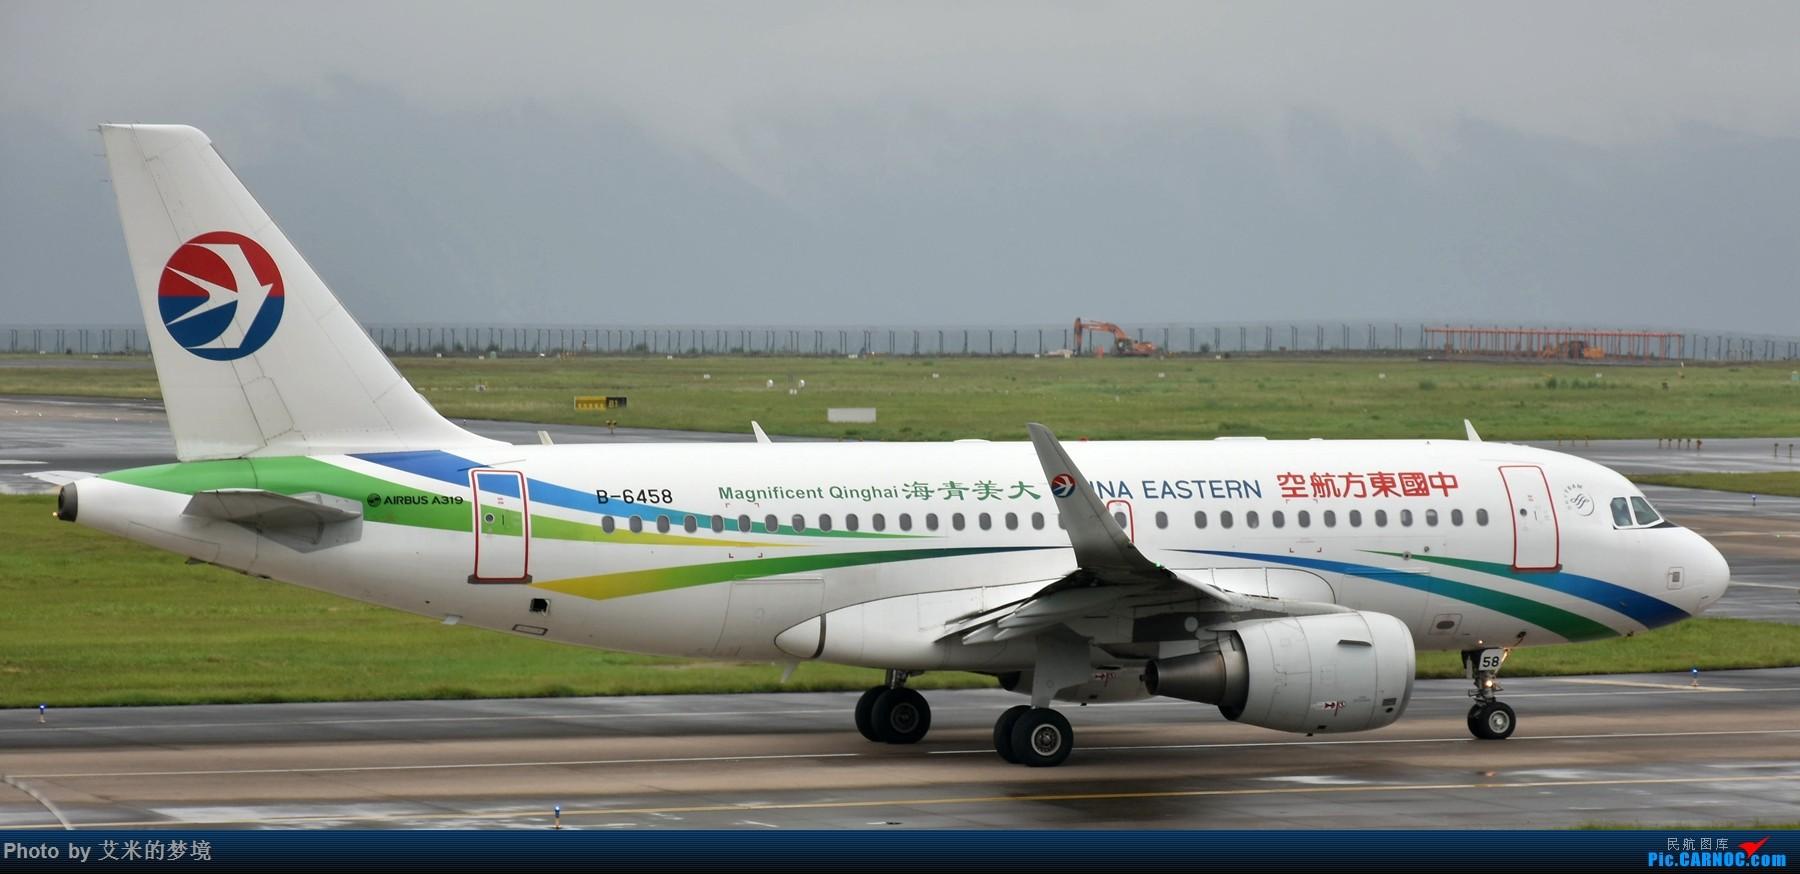 Re:[原创]【carnoc重庆飞友会】7.14雨中奔袭。。又被放鸽子的首航日 AIRBUS A319-100 B-6458 中国重庆江北国际机场